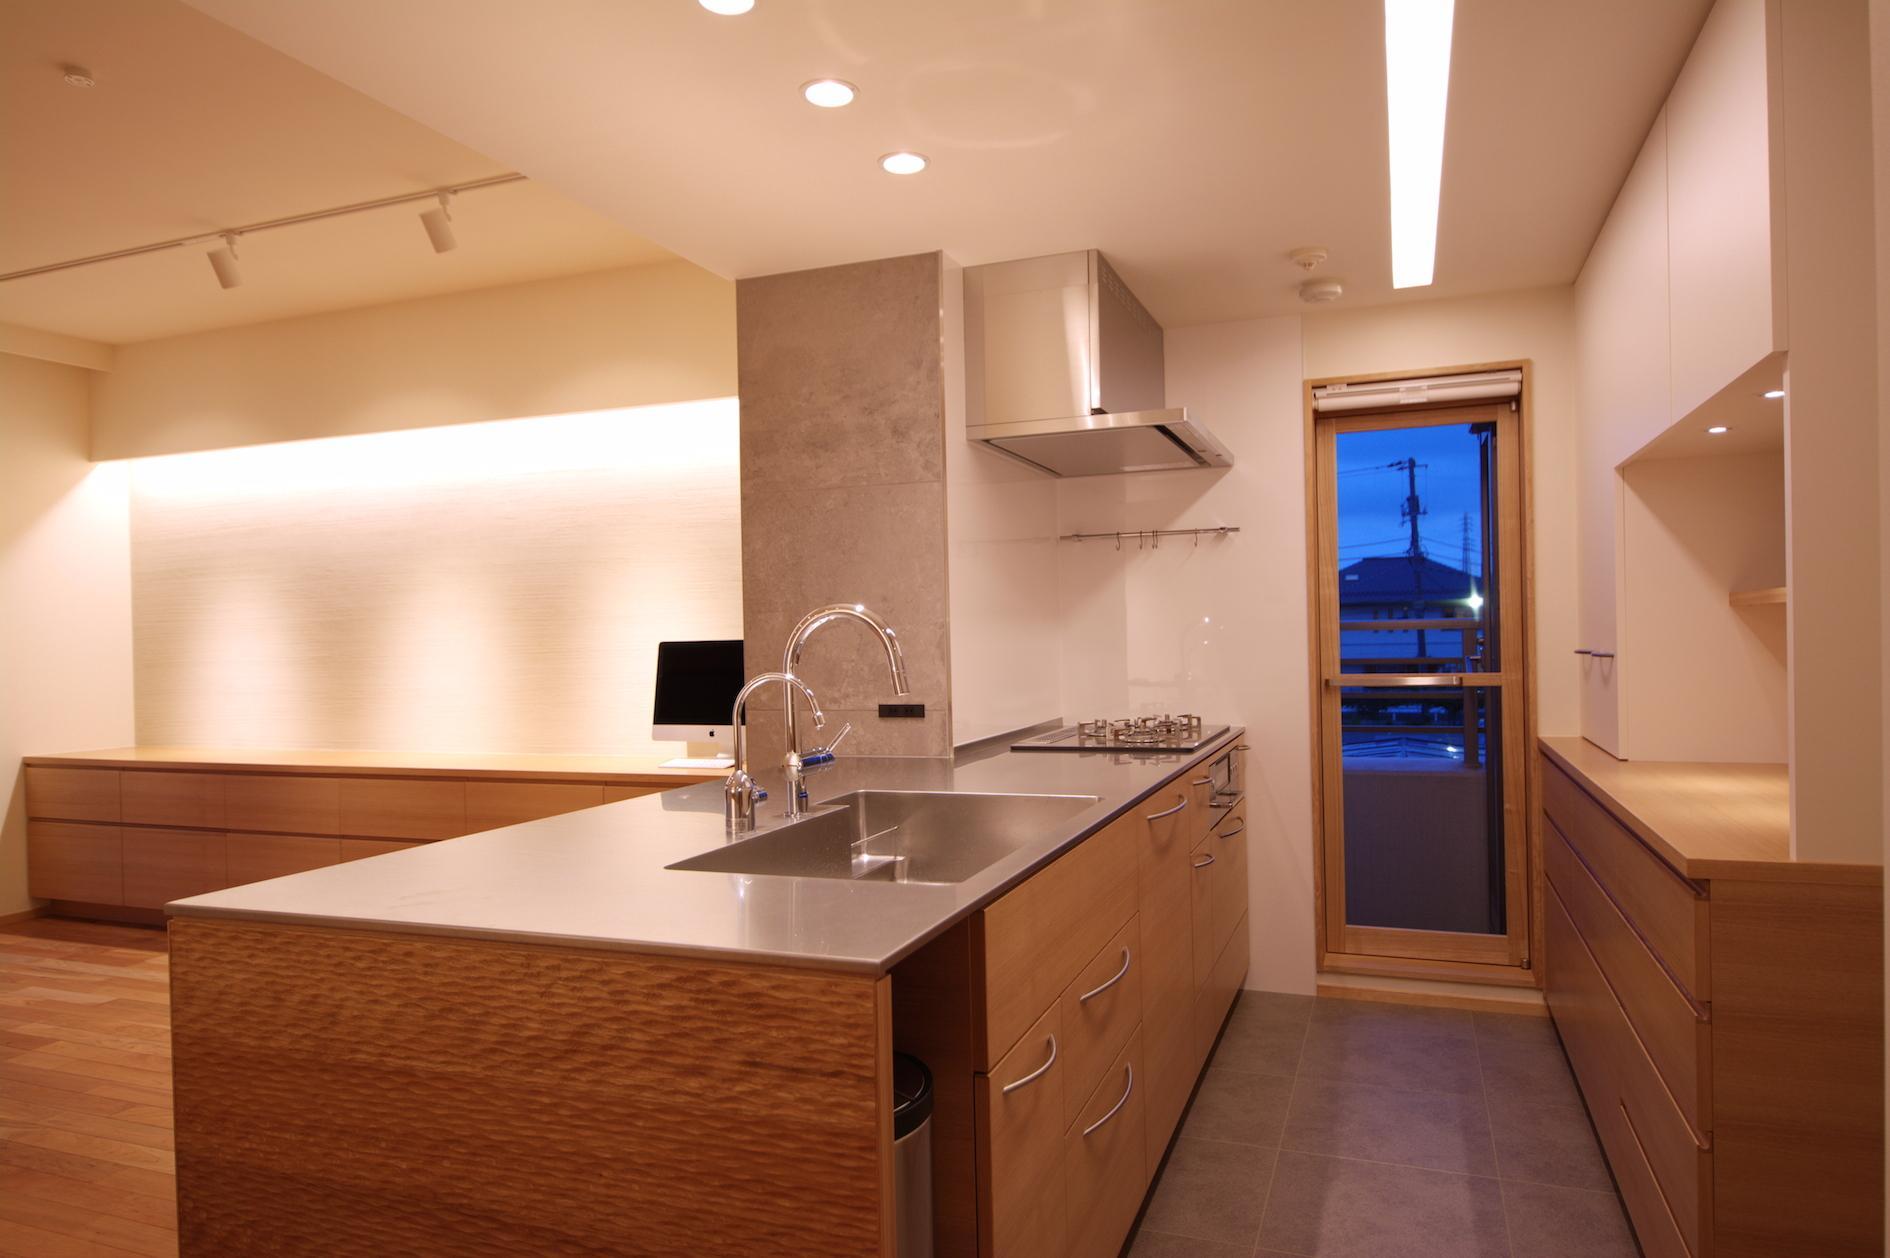 Oさんの大好きなものが集まる大切な場所の部屋 全方位から使えるフラットなキッチン